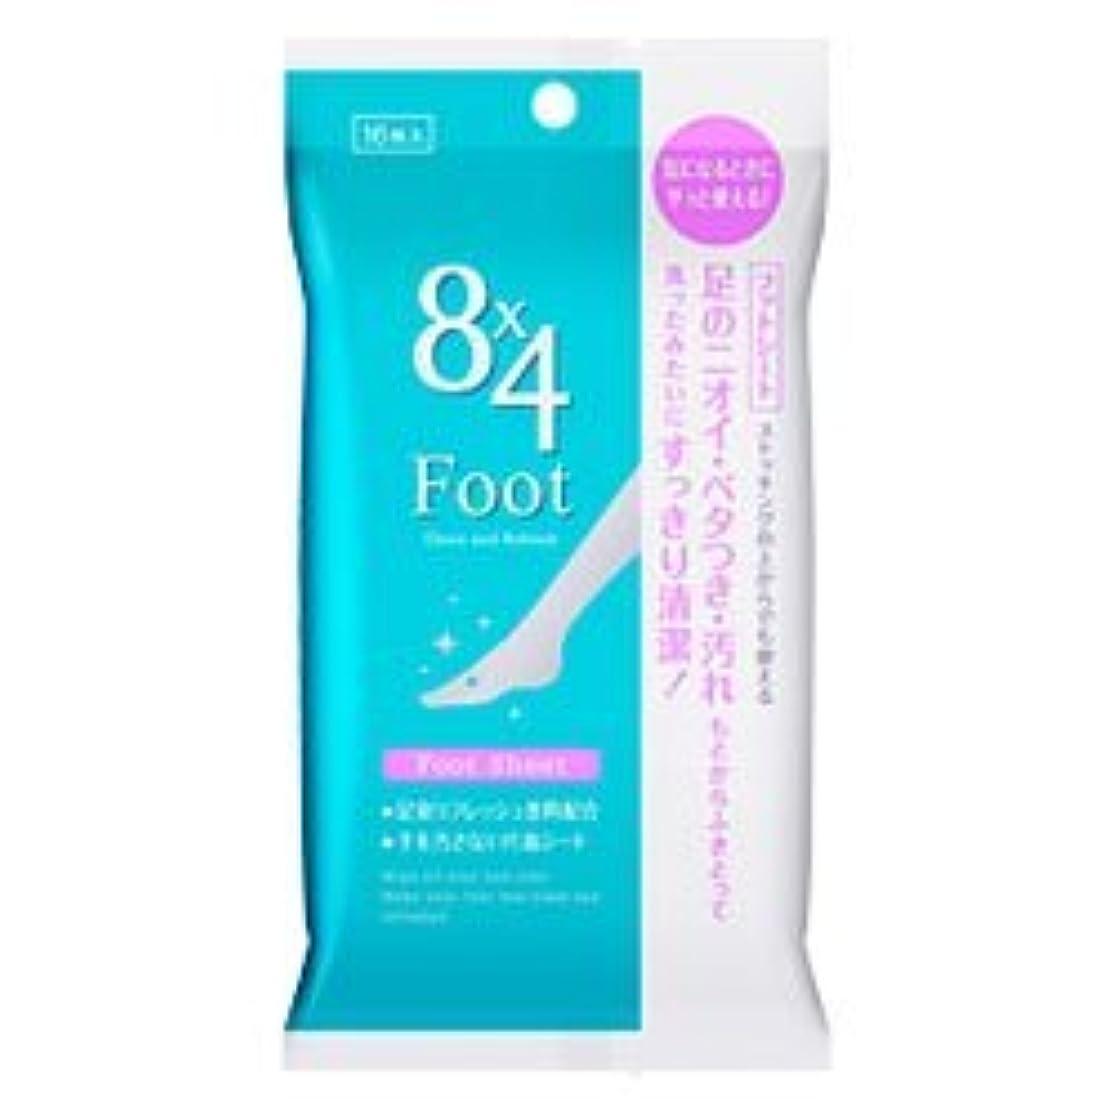 小麦粉ラベンダー文化【花王】8×4フットシート 16枚 ×5個セット